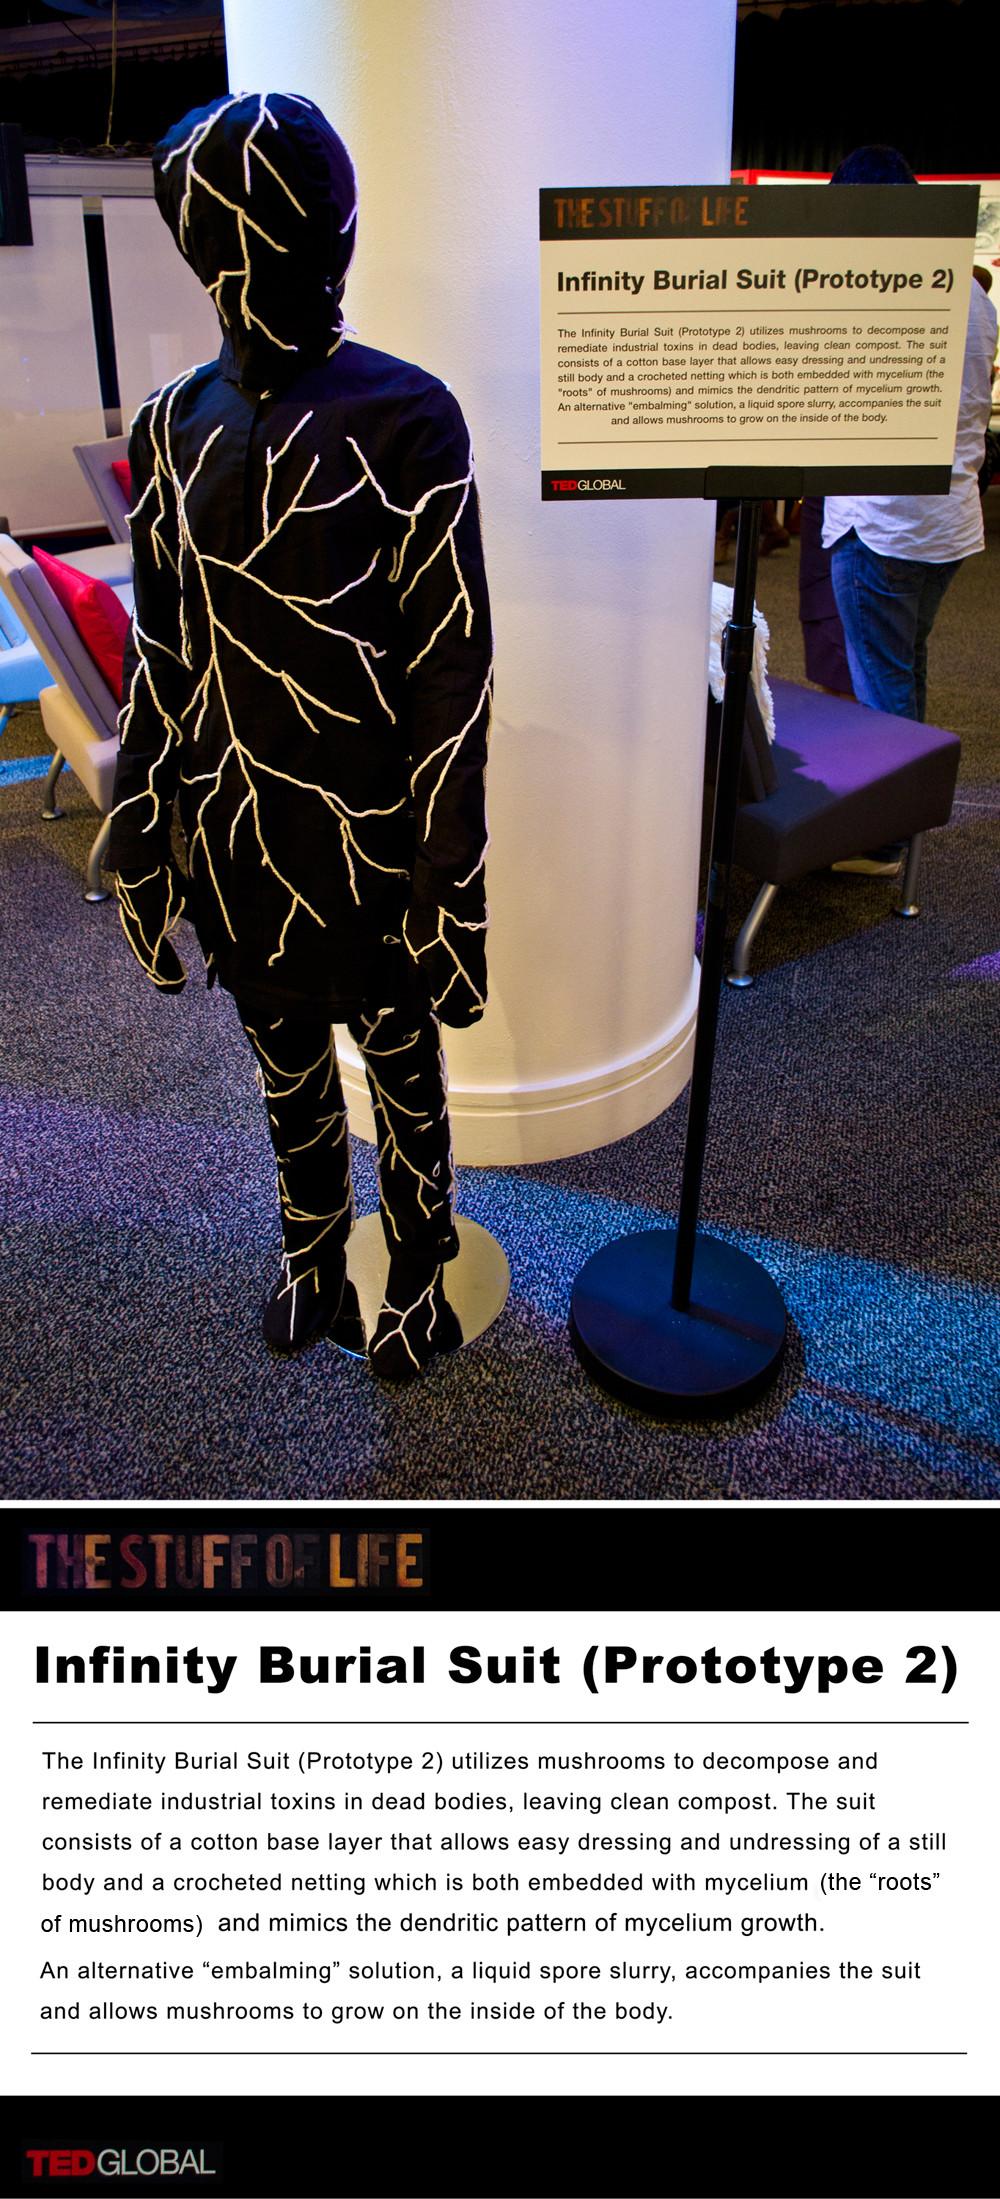 Πατήστε στην εικόνα για να τη δείτε σε μεγένθυνση  Όνομα:  Infinity-Burial-Suit.jpg Εμφανίσεις:  51 Μέγεθος:  1,66 MB